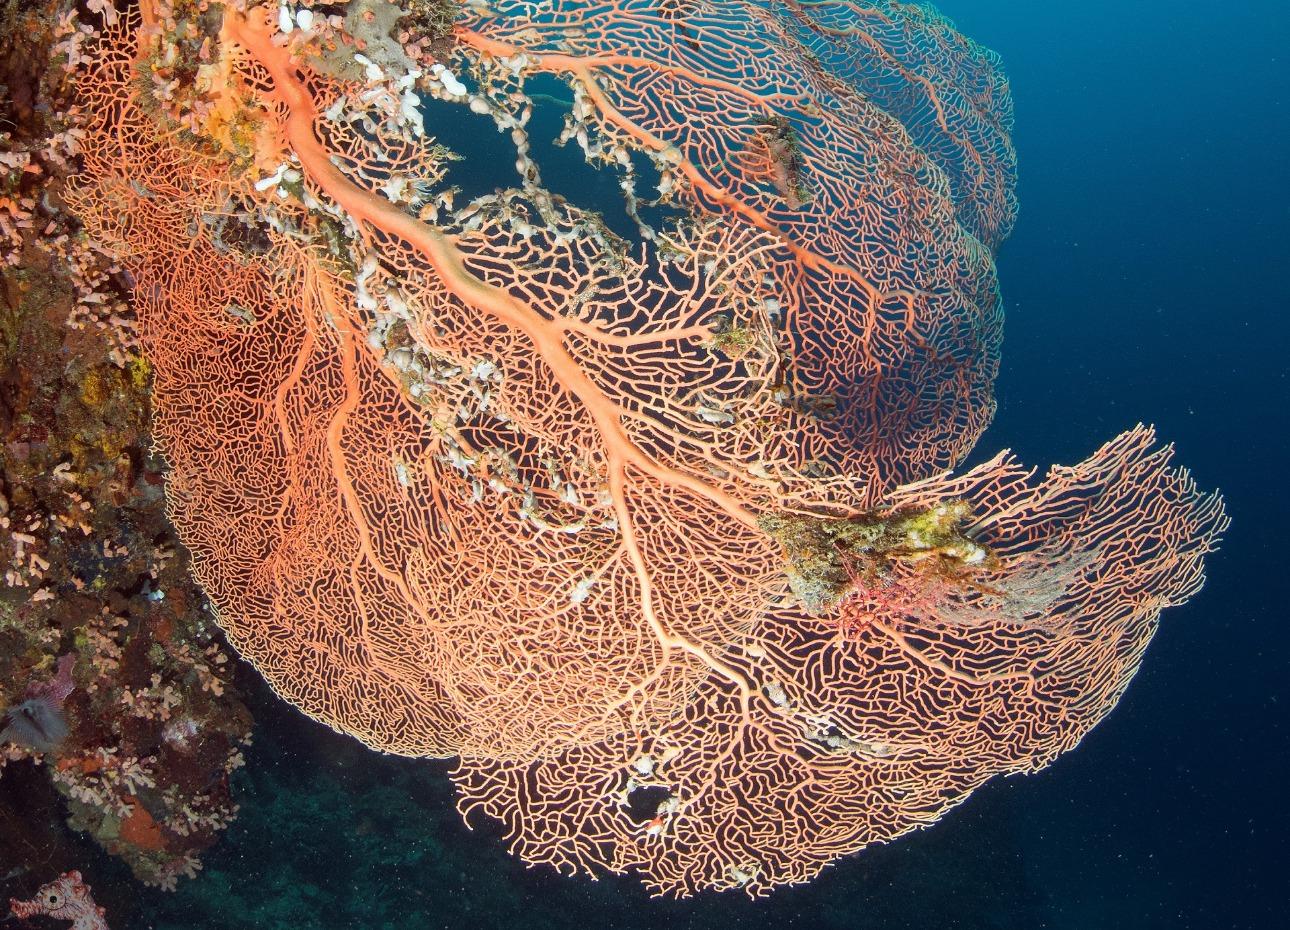 Philippines, Bohol, Magic Oceans Dive Resort, Corals, image